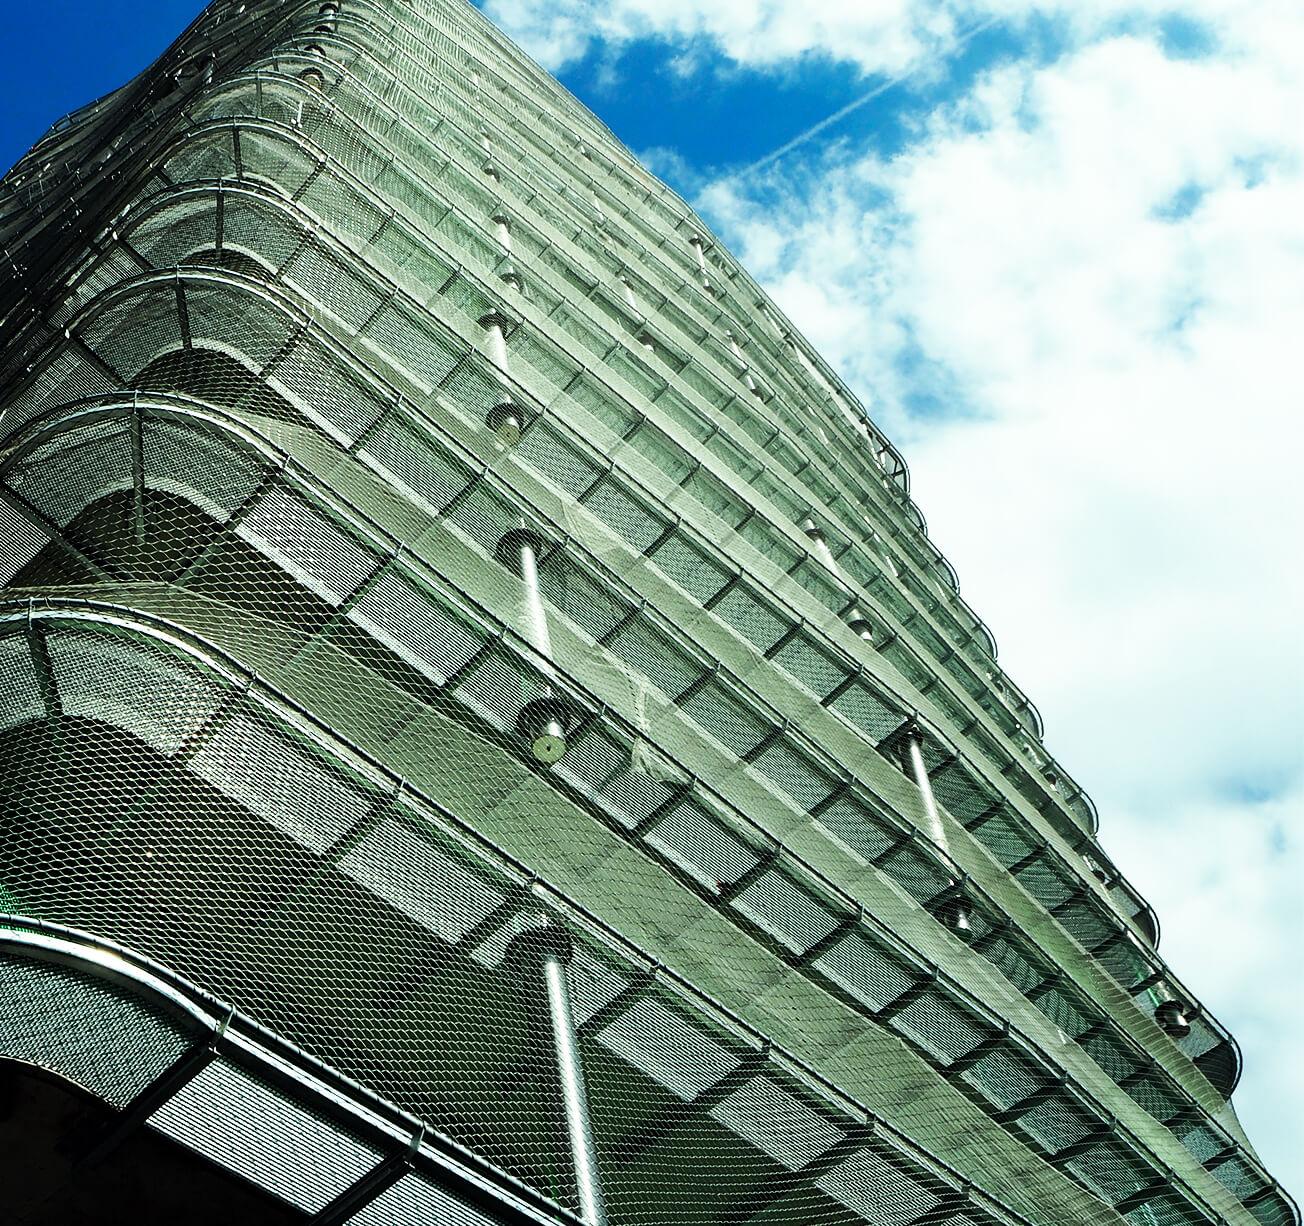 Immeuble disposant de filet inox pour une meilleure sécurité